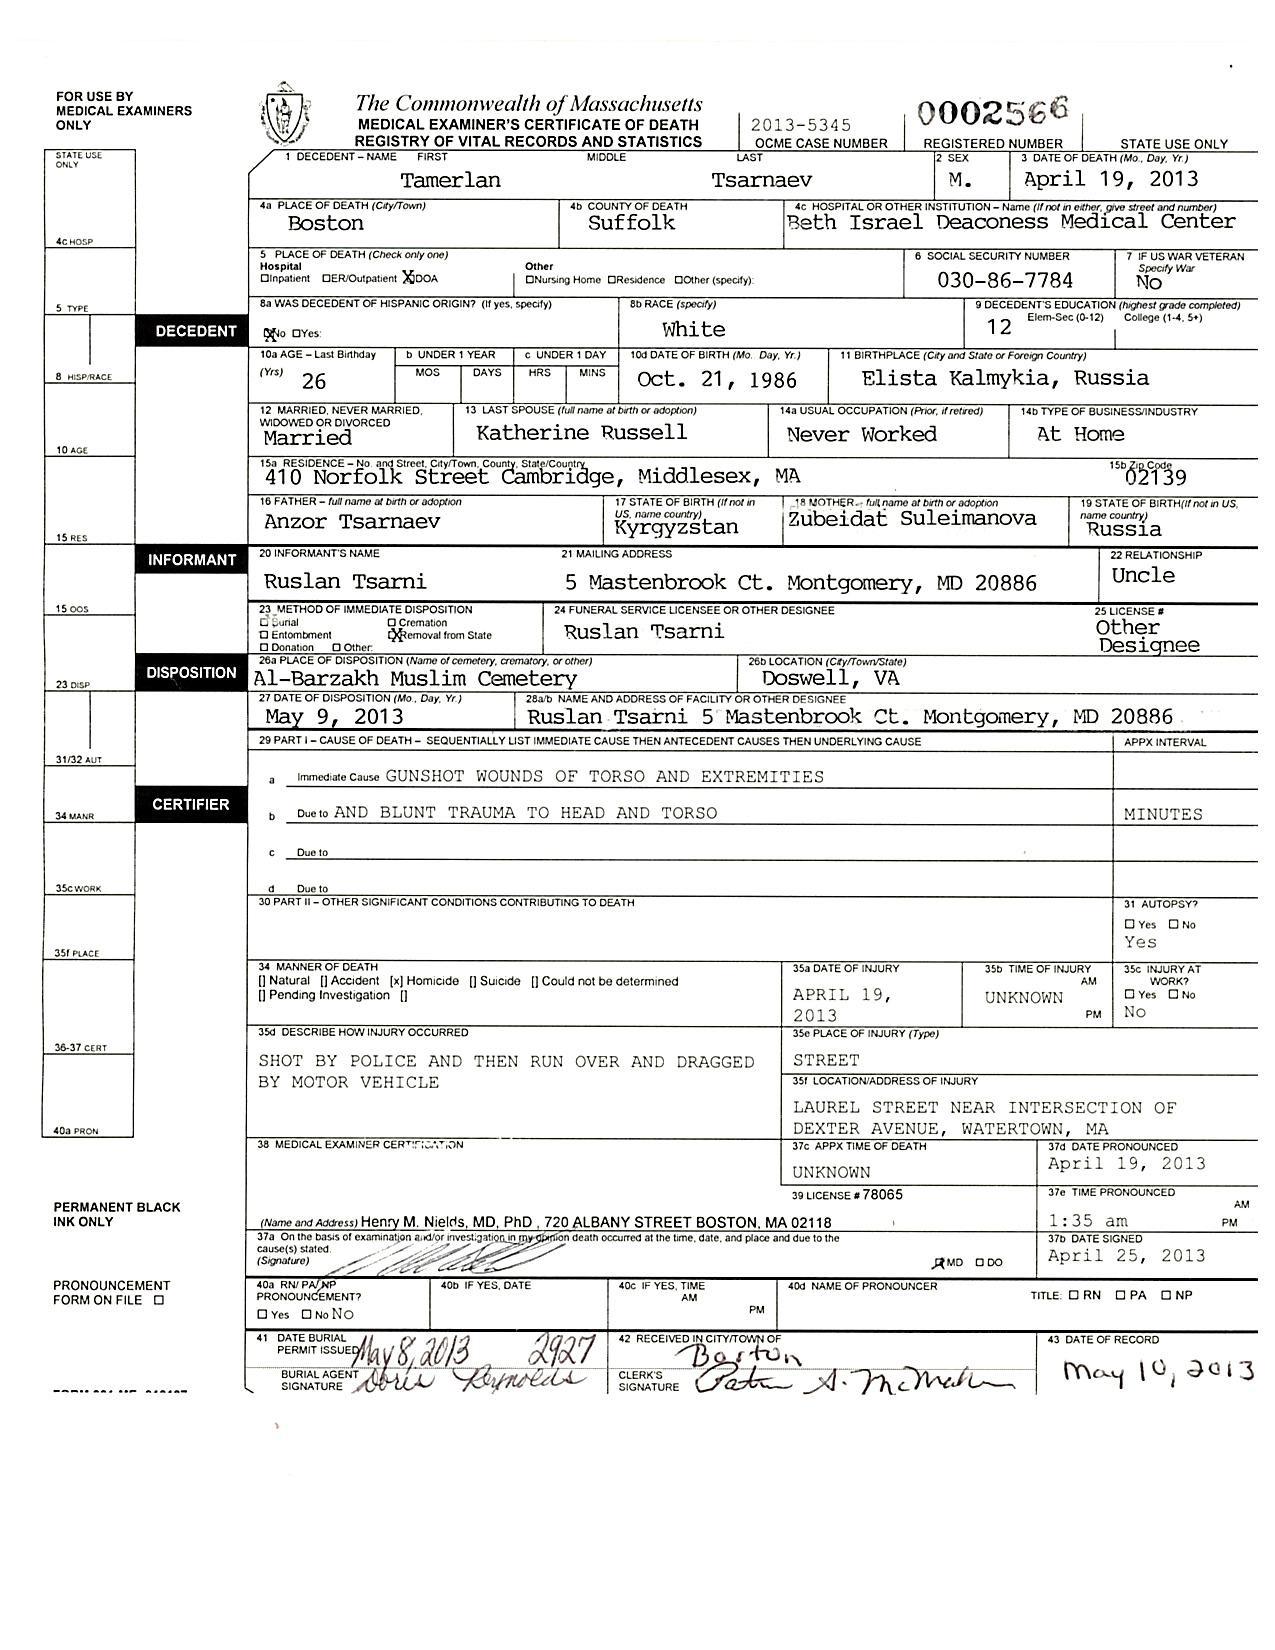 Tamerlan Tsarnaev Boston Death Certificate.jpg